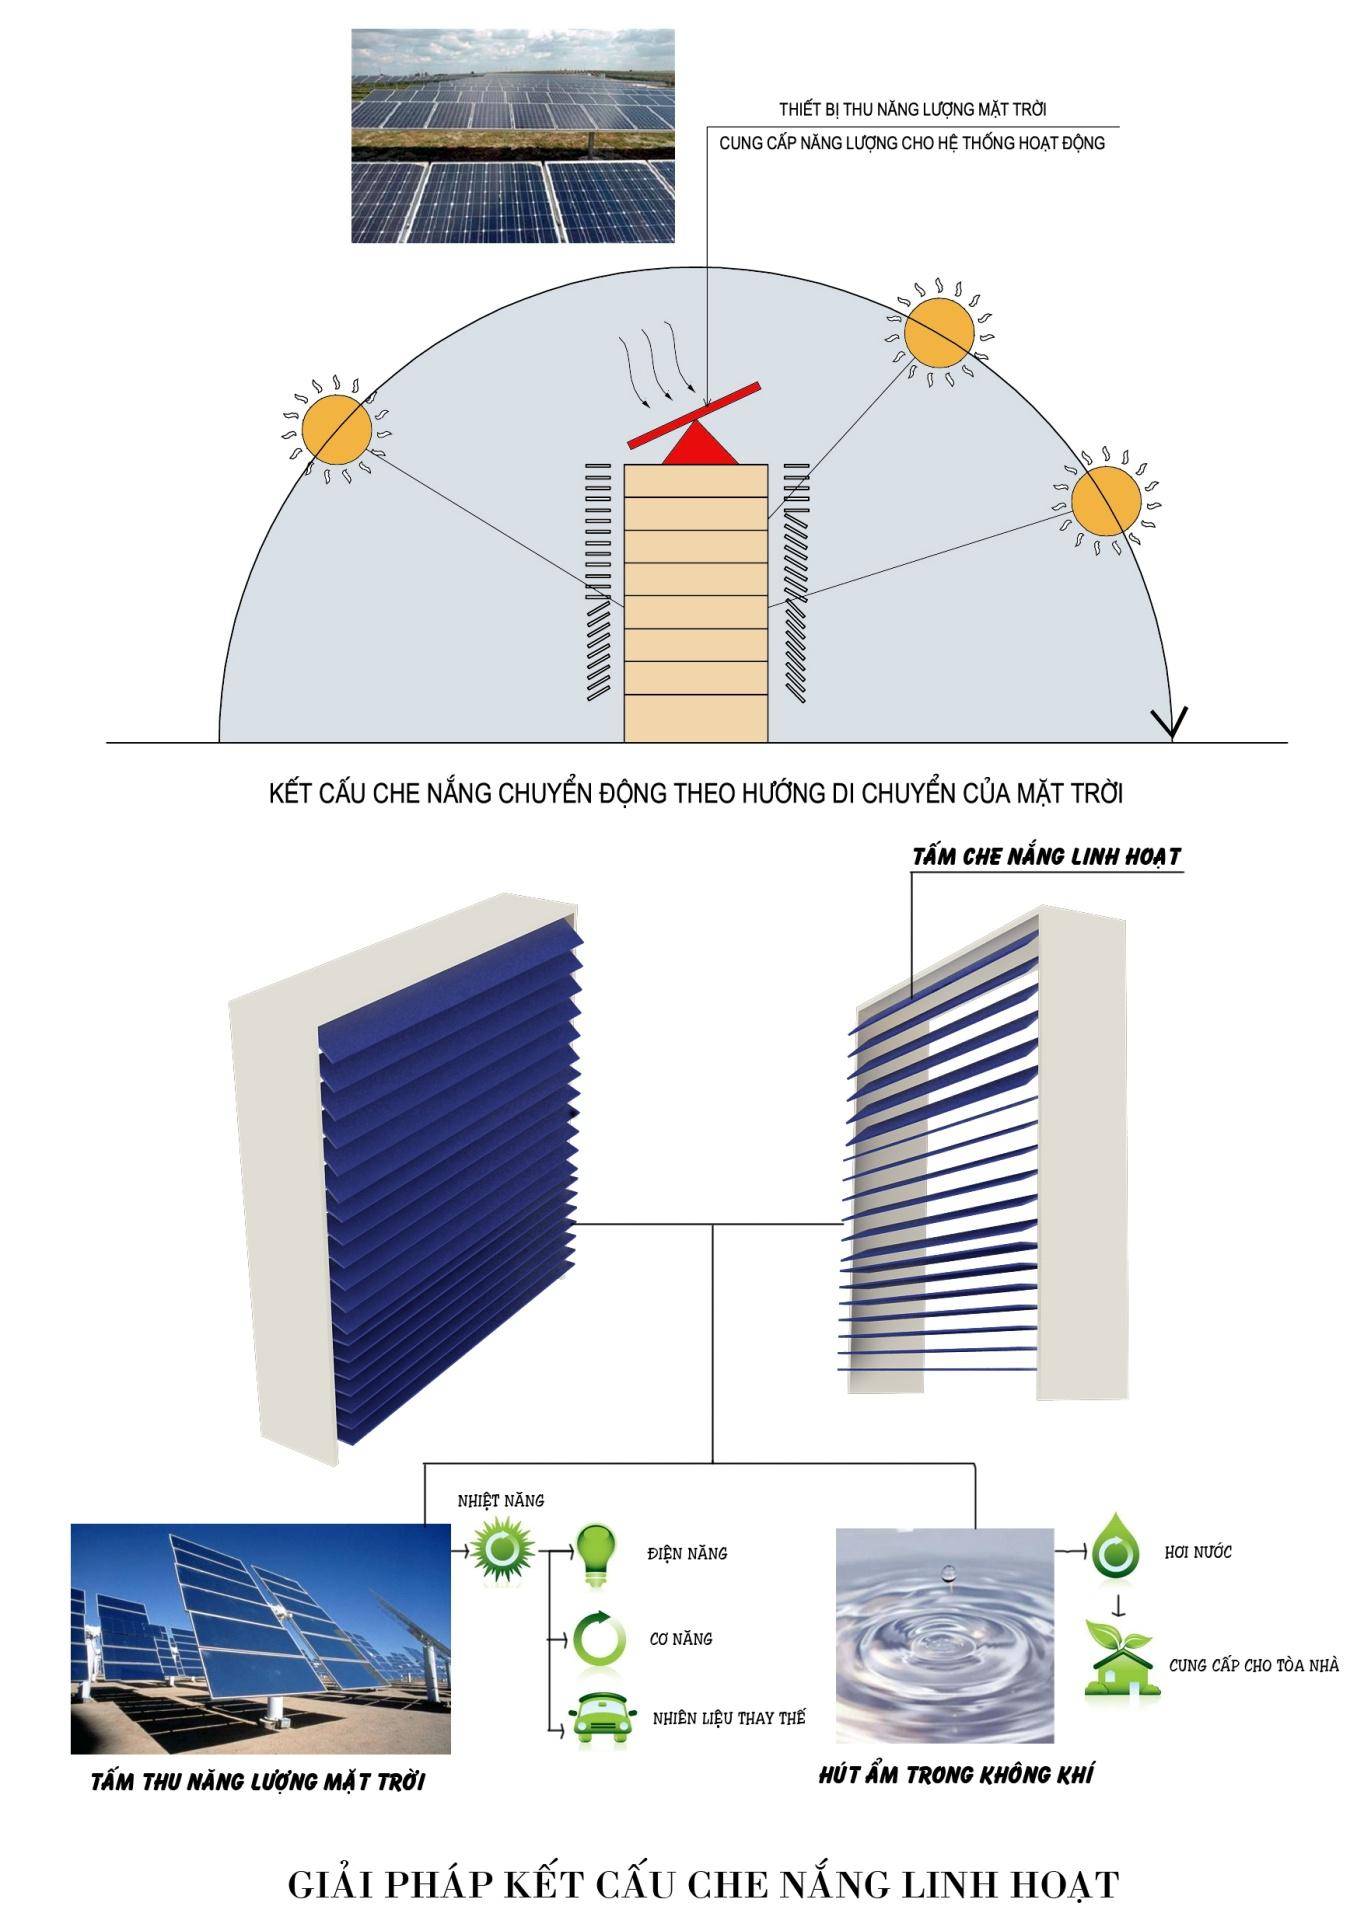 Khả năng ứng dụng năng lượng thông minh và vật liệu xanh trong chung cư sinh thái tại TP HCM